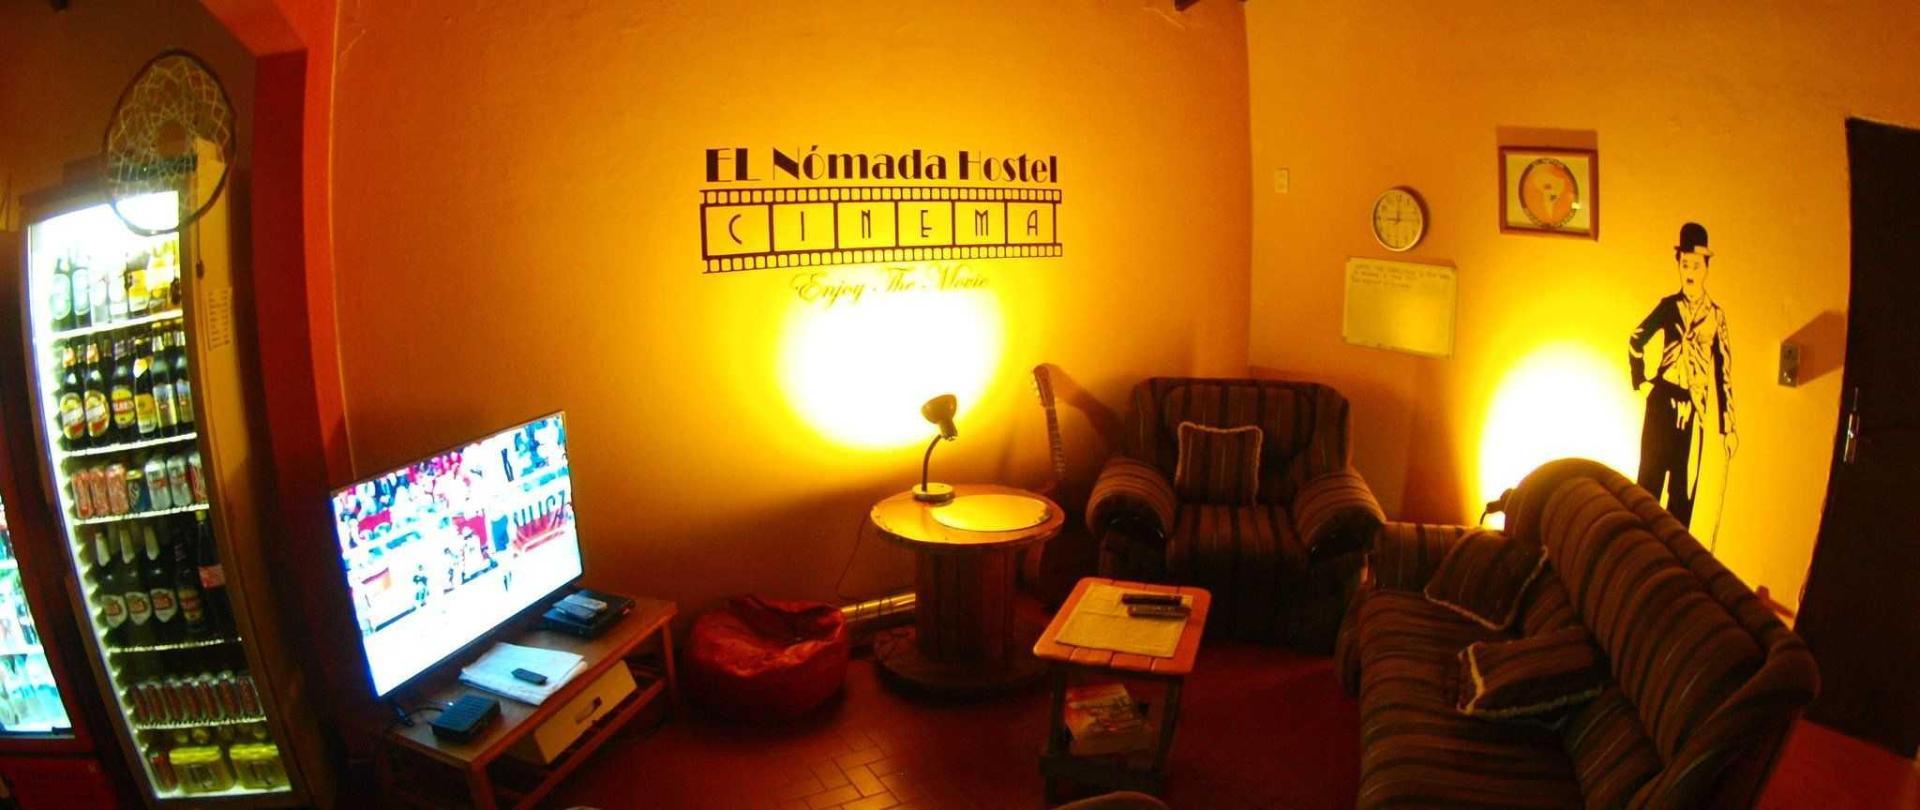 sala-de-television-hostel-nomada-asuncion.JPG